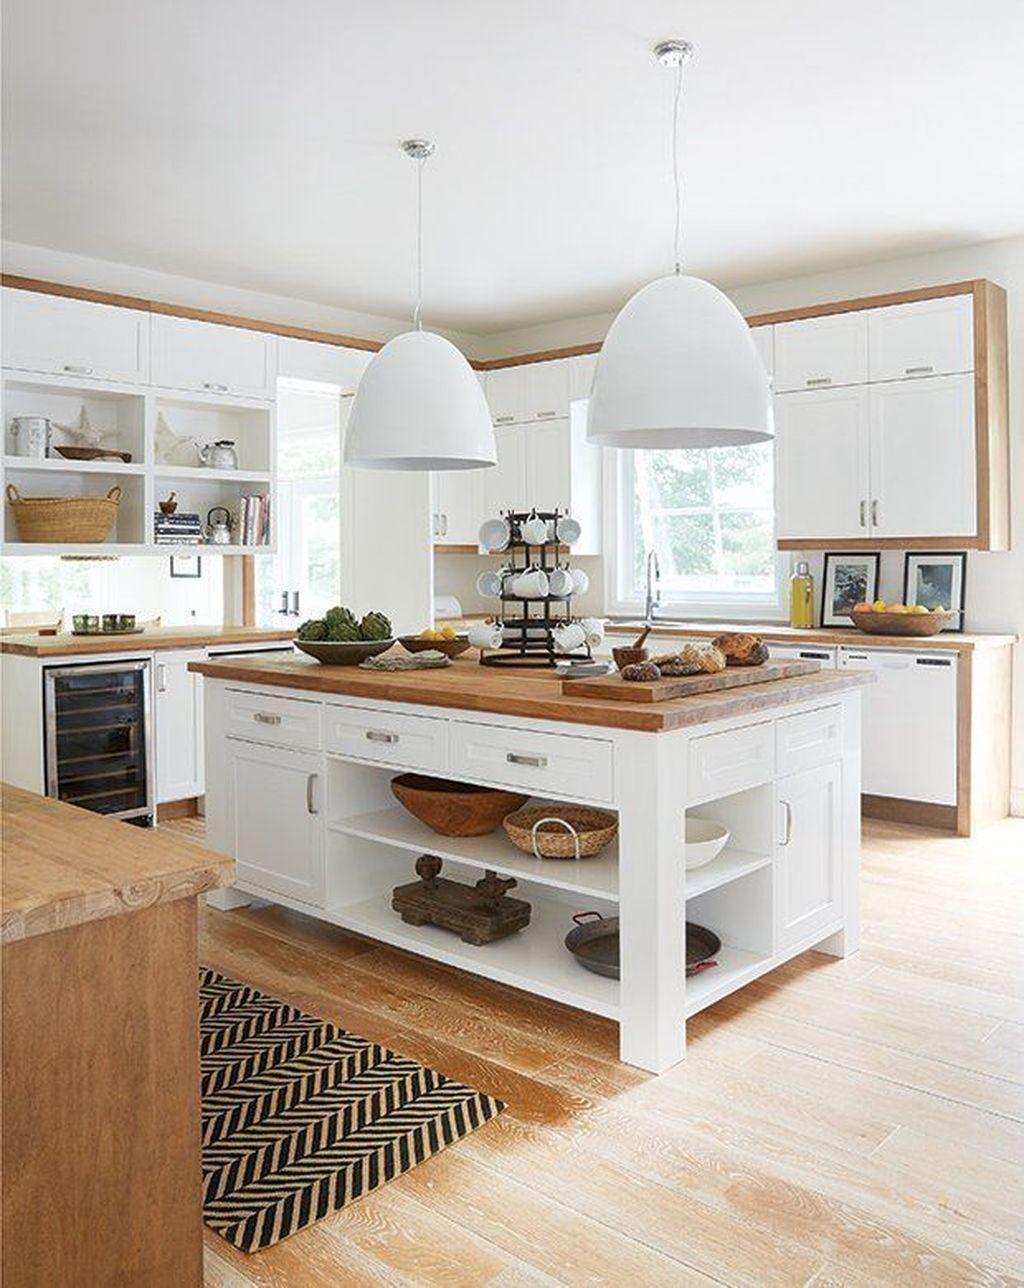 Kitchendesign In 2020 Kitchen Design Small Sleek Kitchen Sleek Kitchen Cabinets